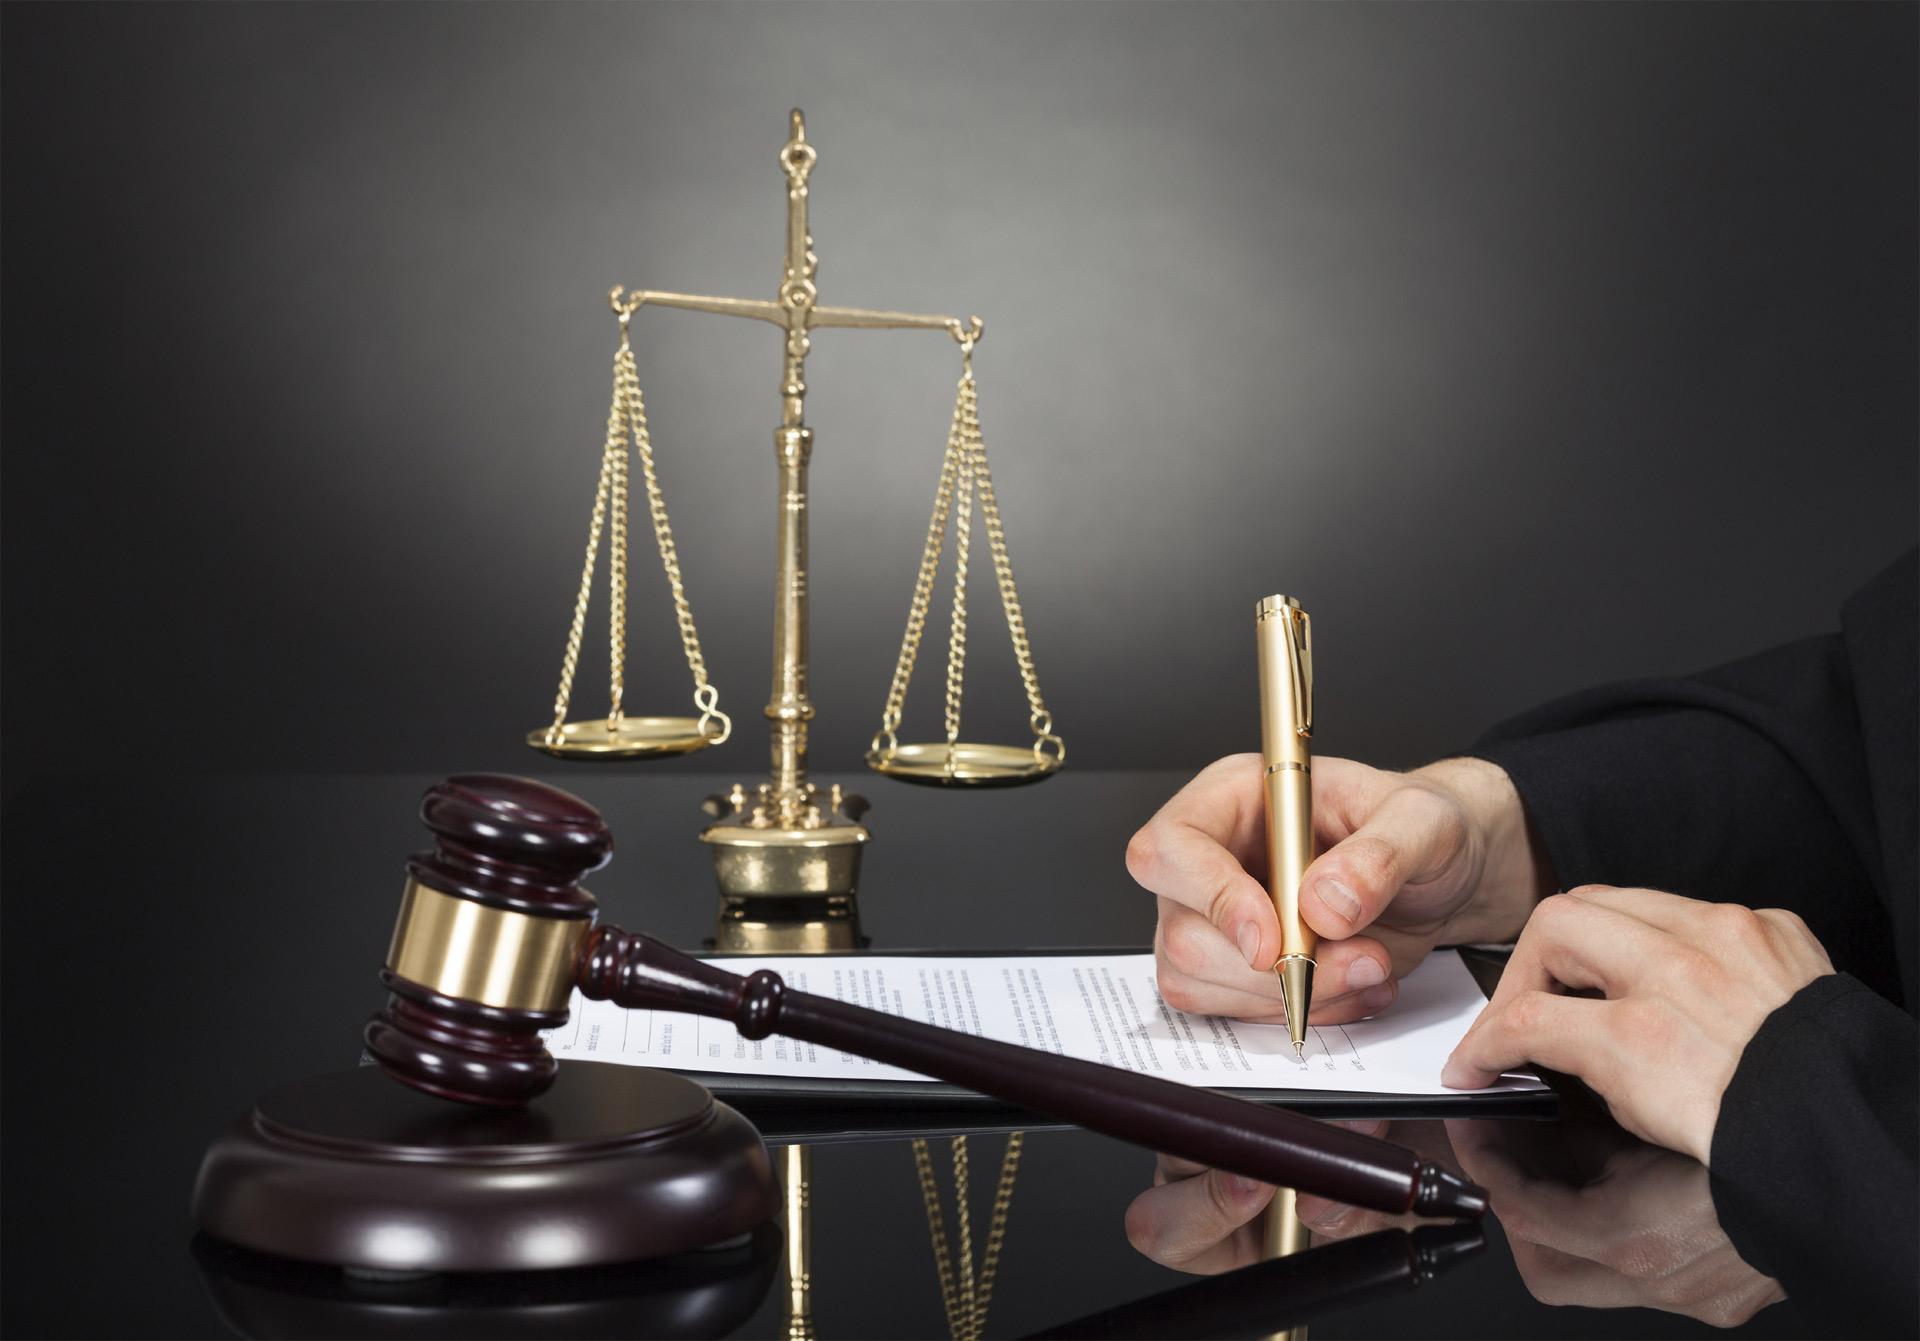 En segunda votación, diputados ratificaron disminuir de 18 a 16 años la acusación por delitos graves